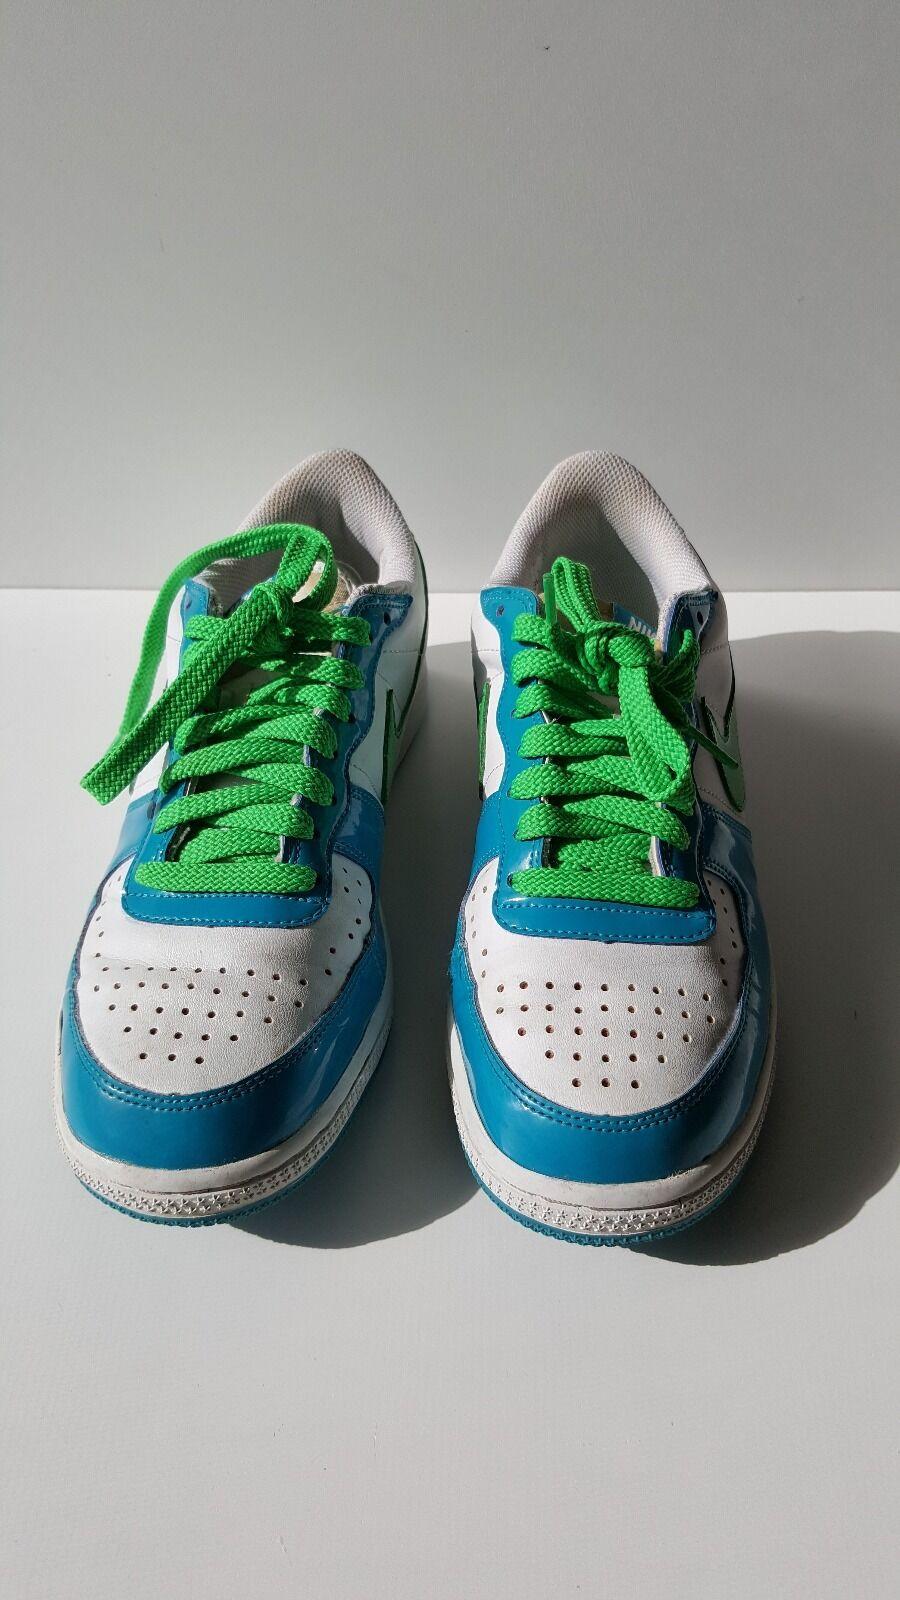 MRSP 189 Women's Color Nike Tennis Shoes Size 7.5